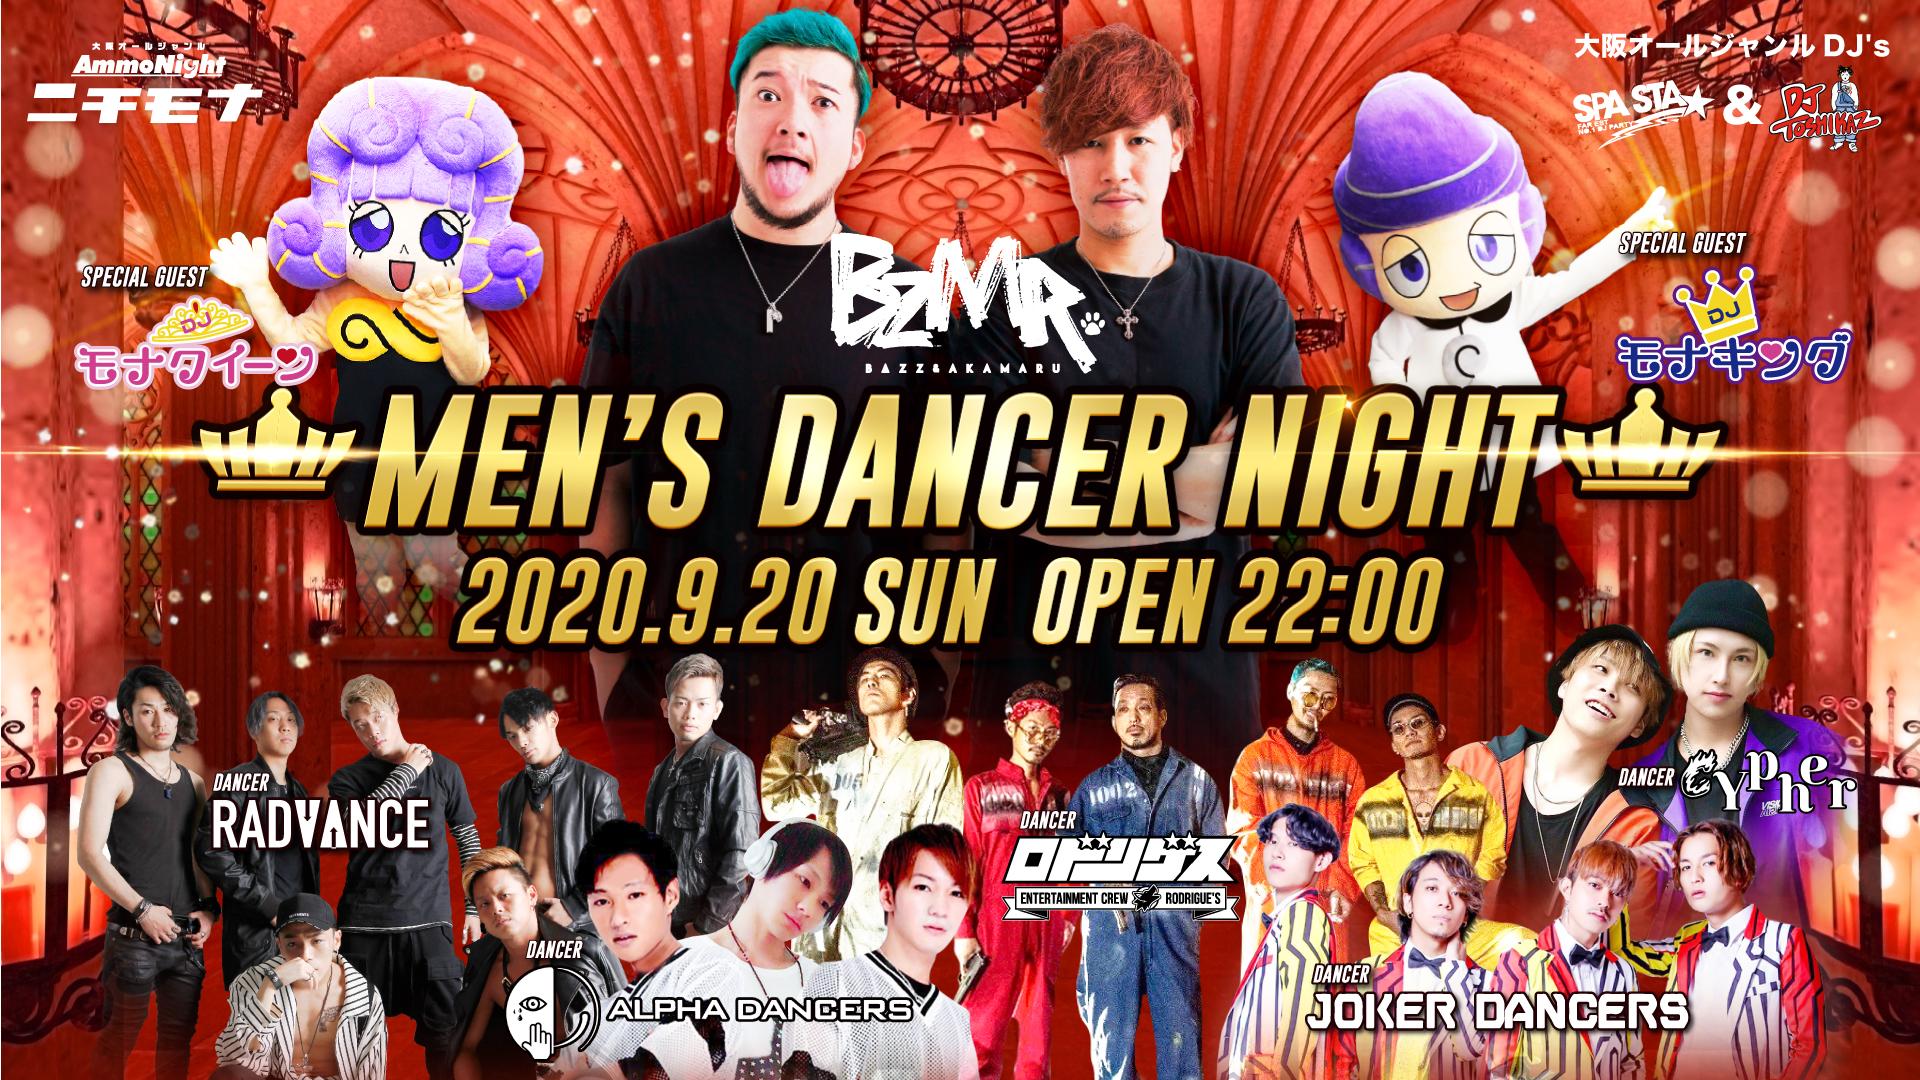 9.20(日) Men's Dancer Night にモナキング & モナクイーンが登場!